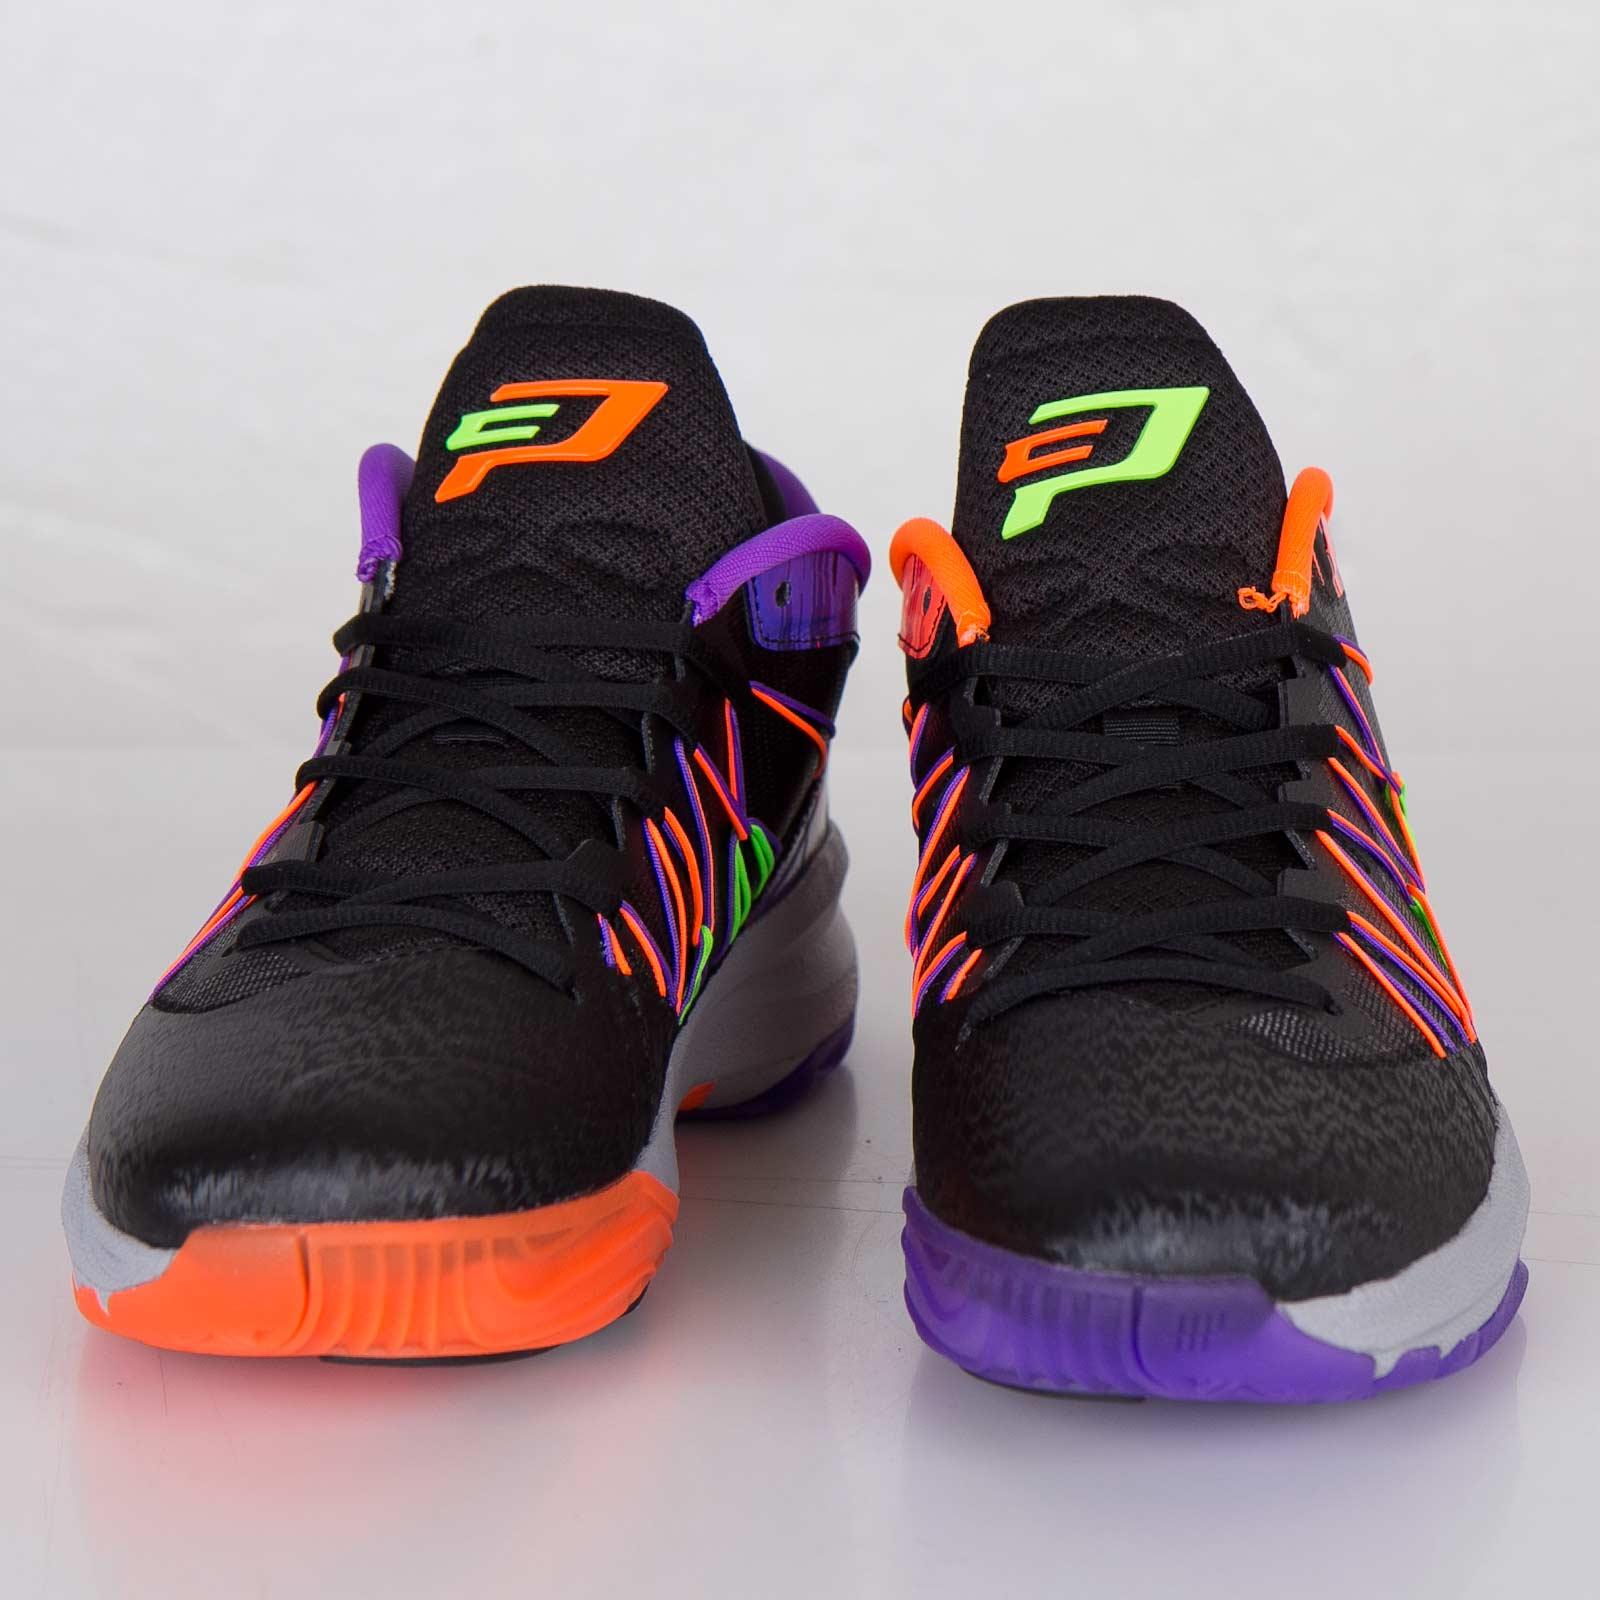 outlet store 151e7 27fd0 Jordan Brand Jordan CP3.VII AE - 644805-055 - Sneakersnstuff   sneakers    streetwear online since 1999